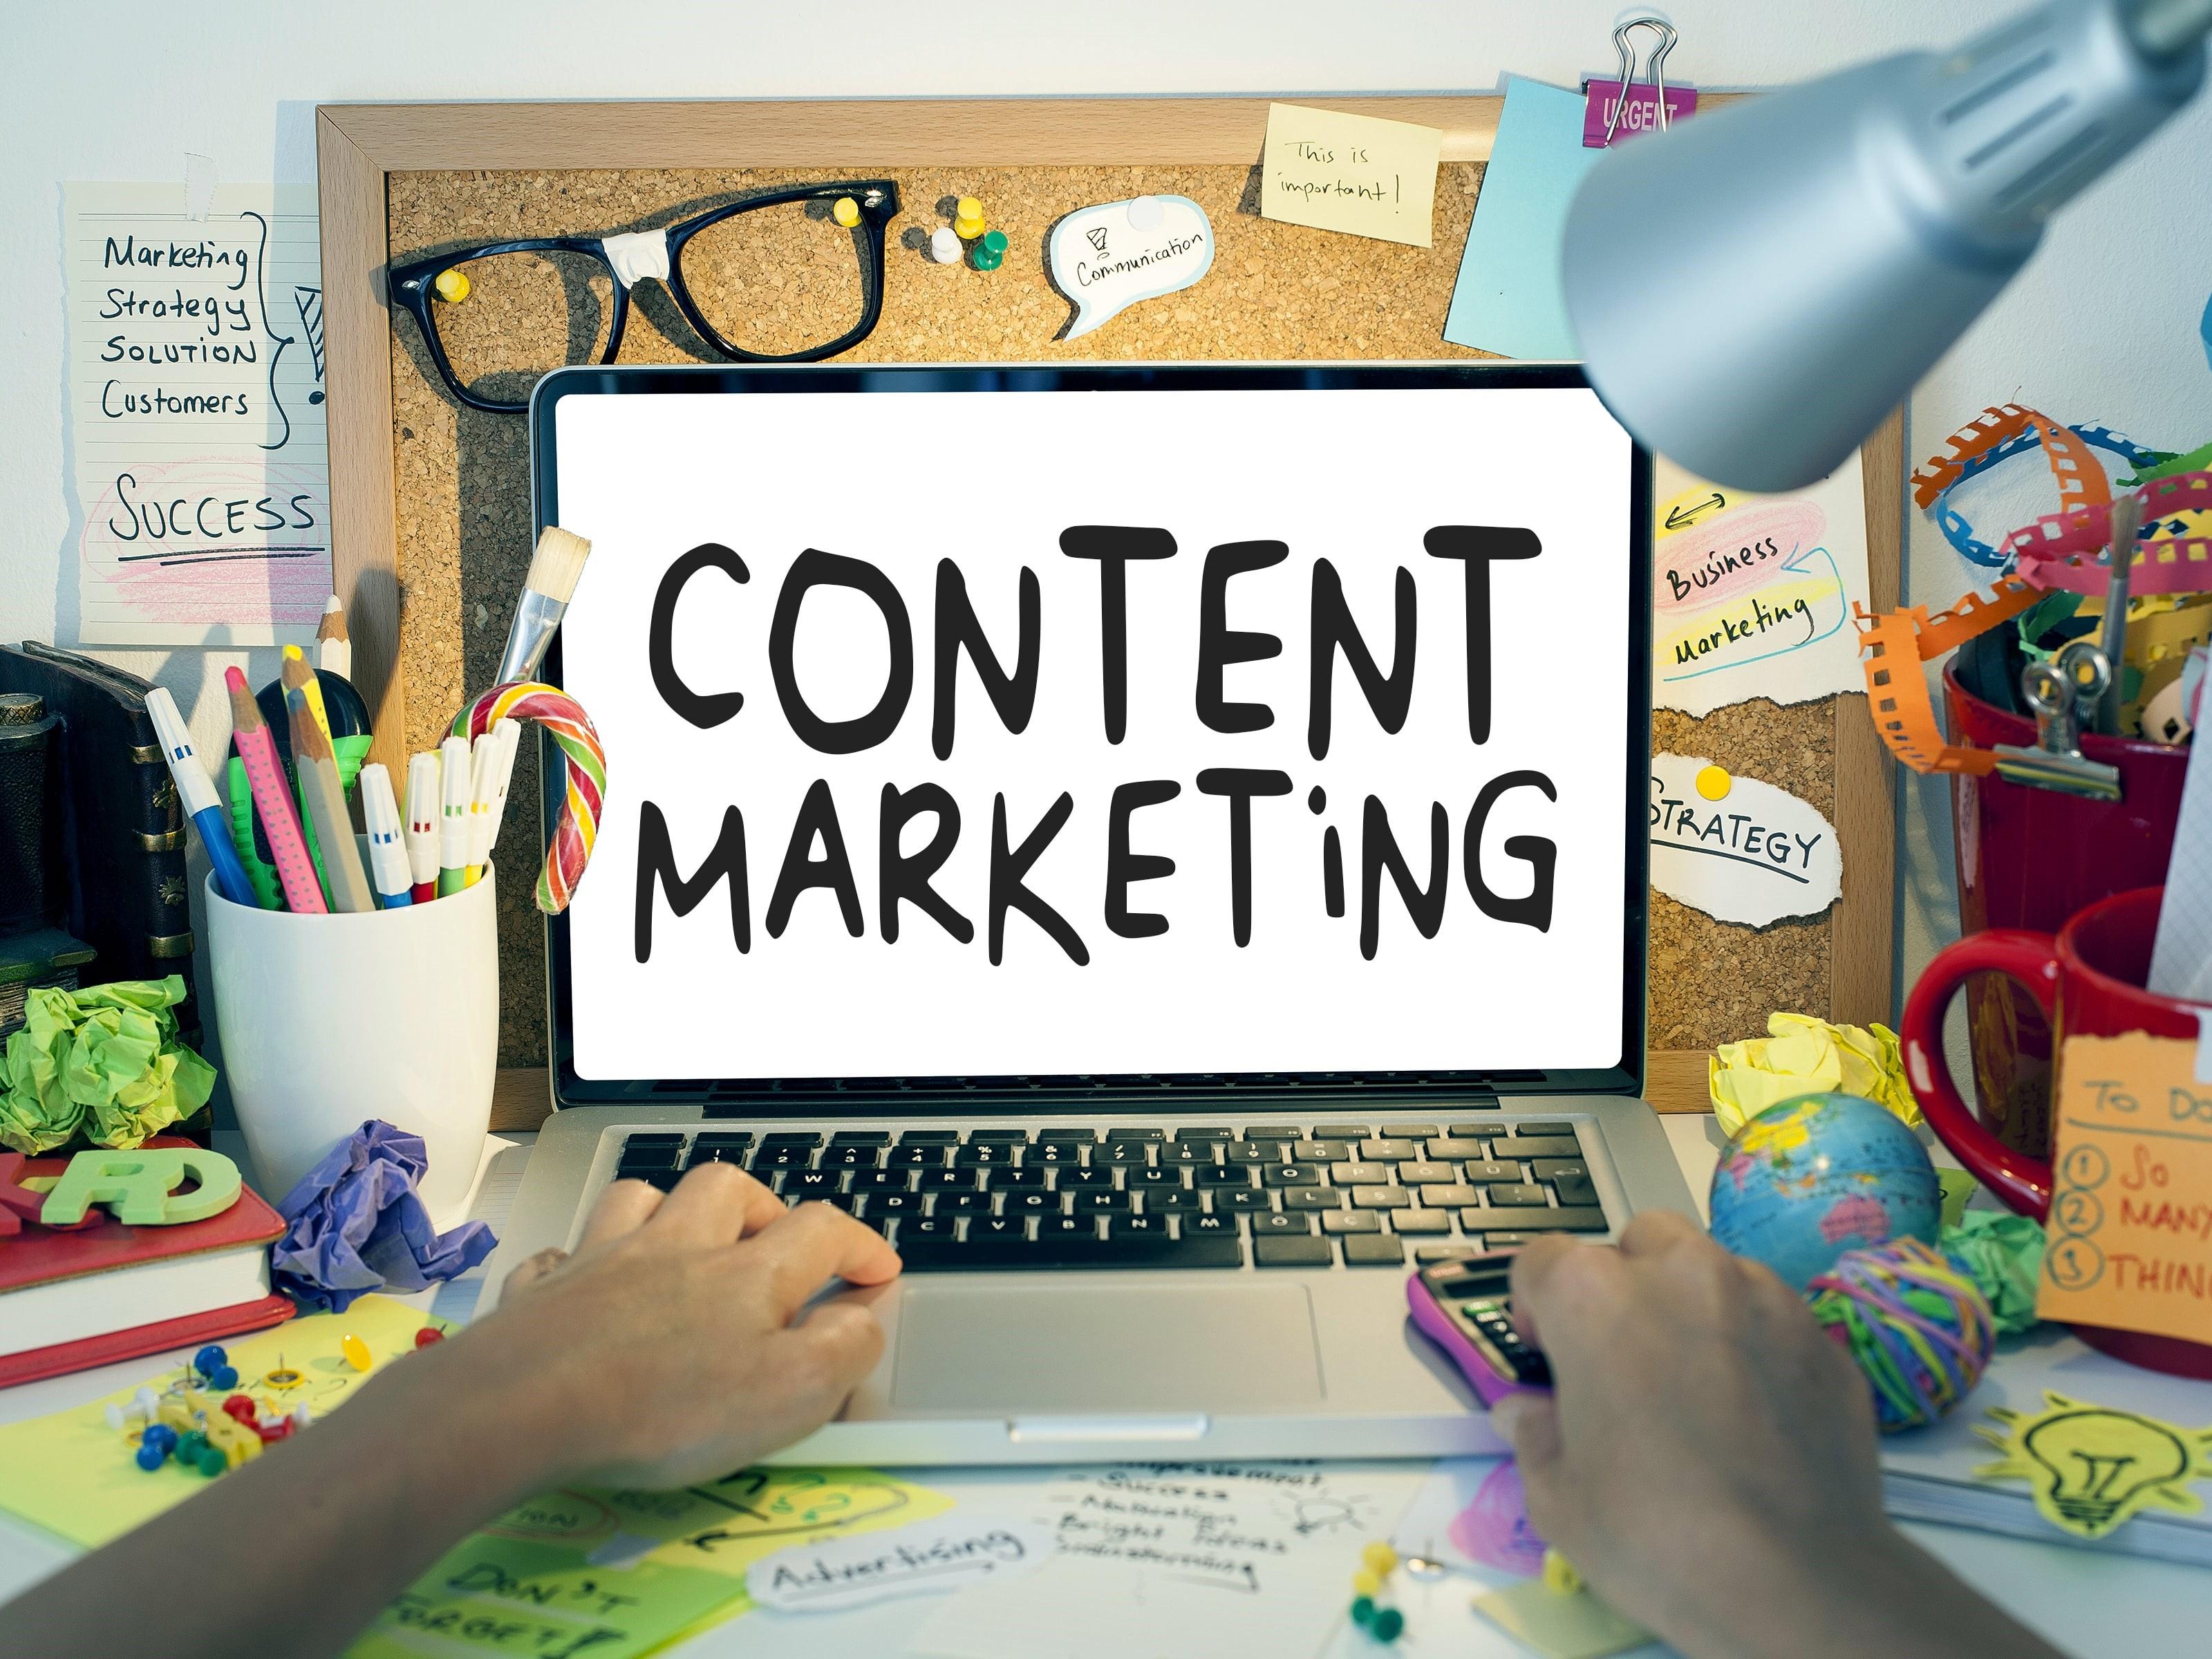 Tại sao content là chìa khóa thành công cho một chiến dịch marketing bất động sản?